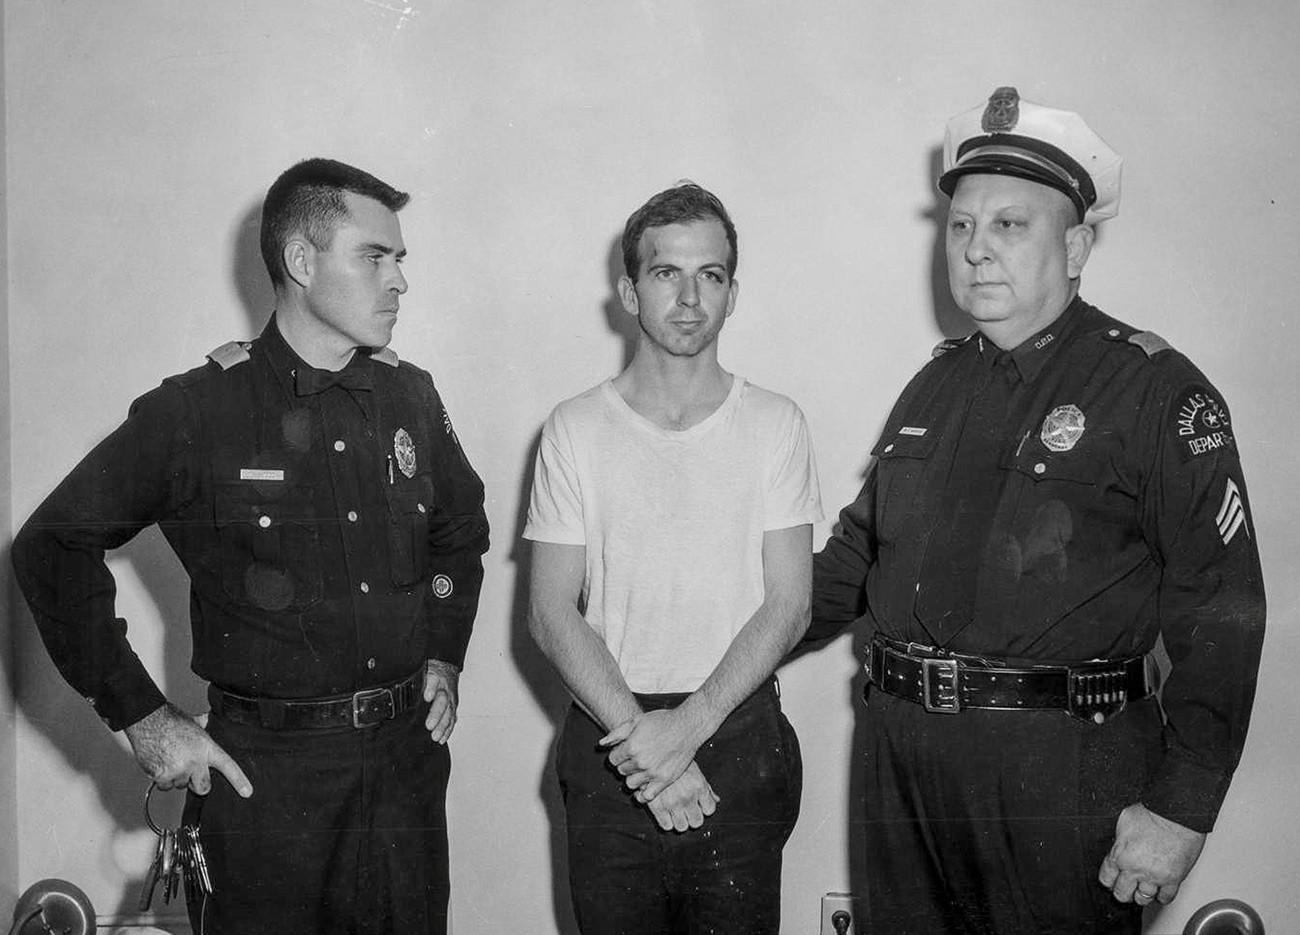 Архивска фотографија полицијске управе Даласа, оптужени Освалд са полицајцима Даласа.